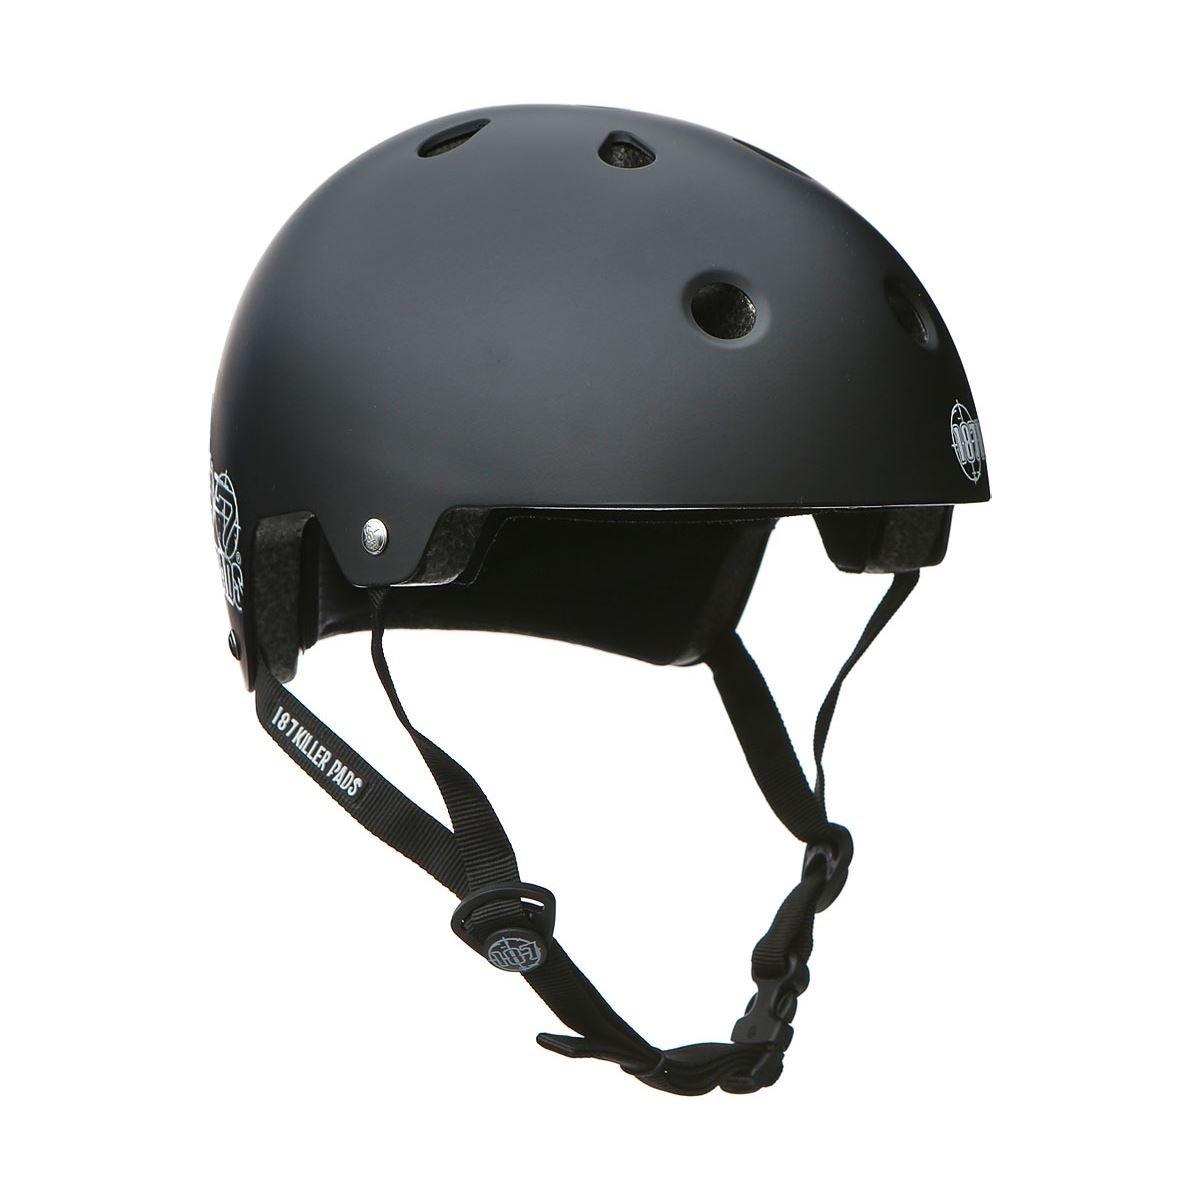 素晴らしい 187 187 CPSC認定ヘルメット マットブラック B071P16DD5 SM/MD|マットブラック SM/MD マットブラック SM/MD, マイクロスコープ専門店 松電舎:5bf07cfd --- a0267596.xsph.ru